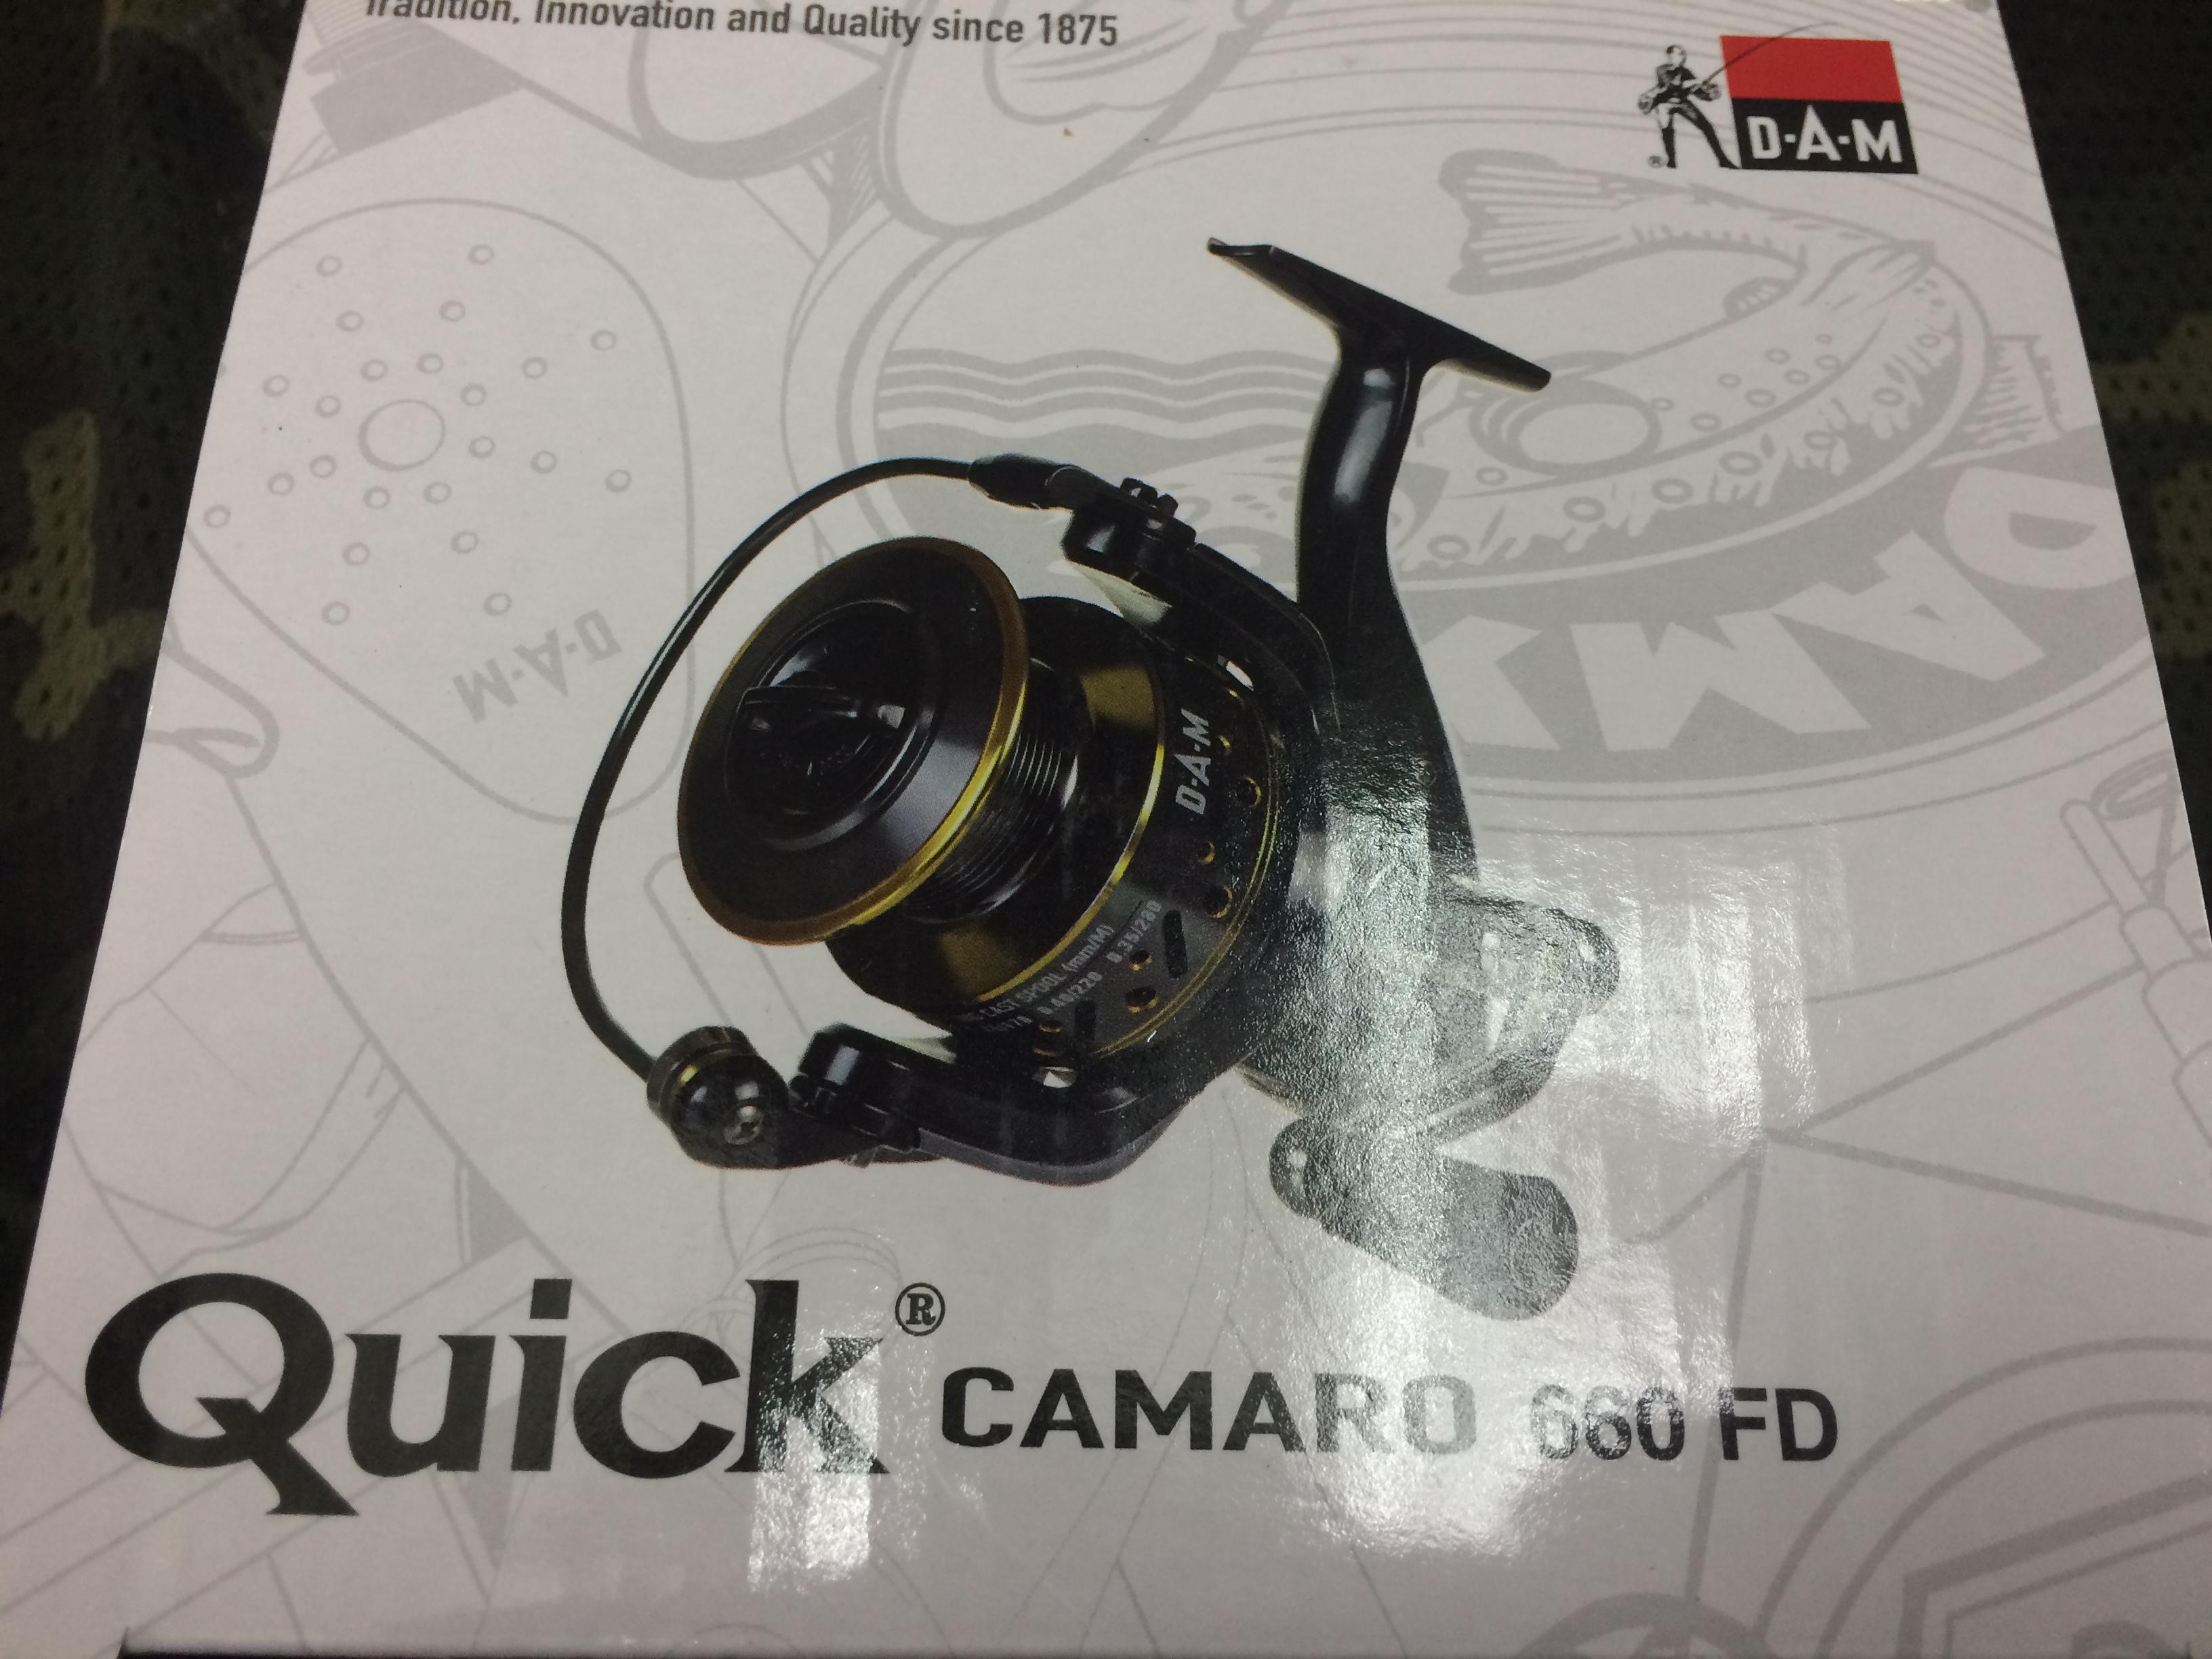 carrete dam quick camaro 660FD